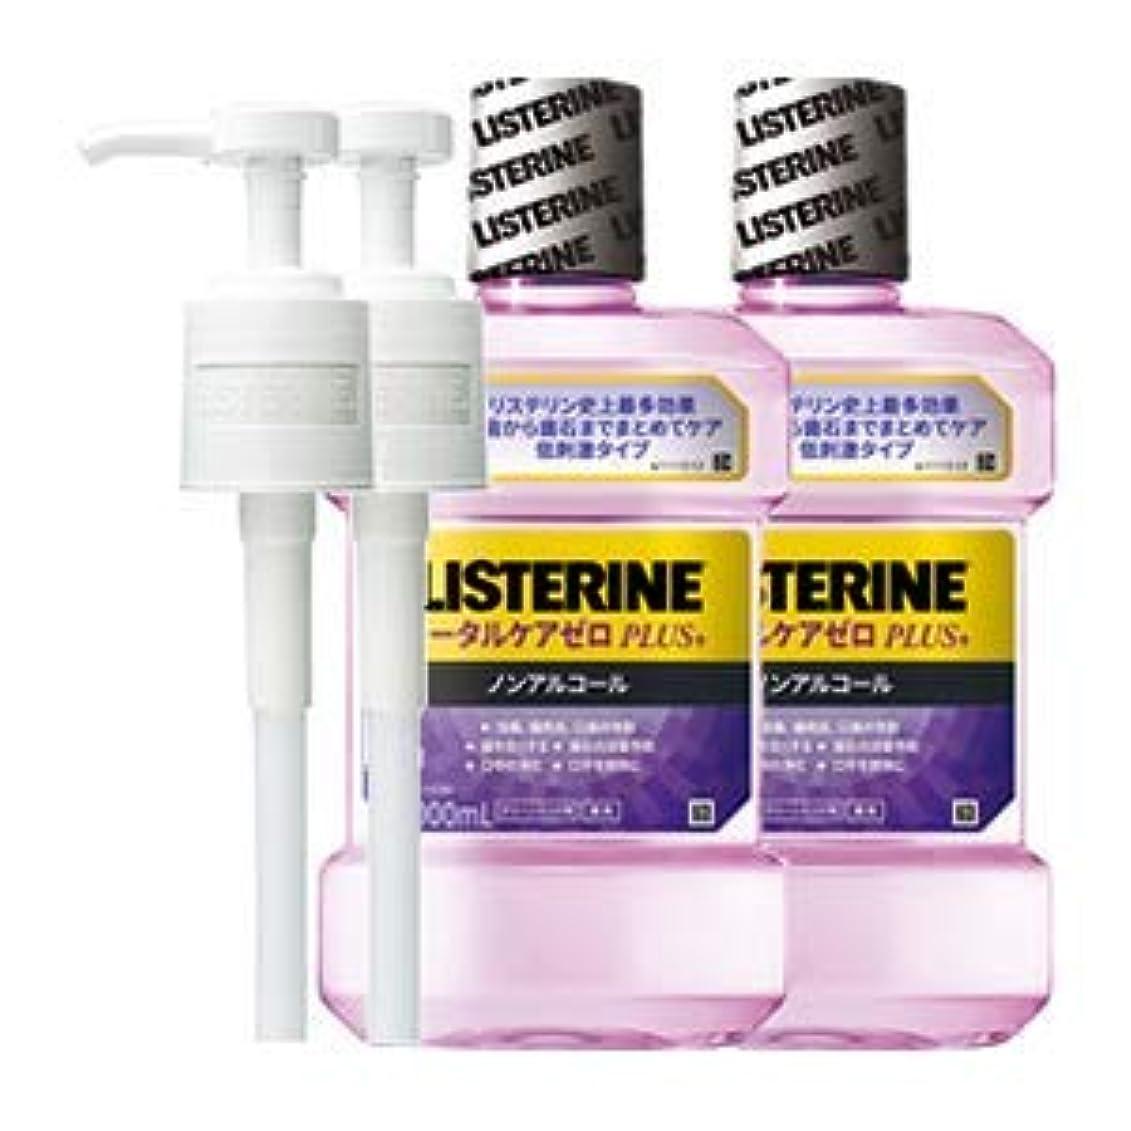 未接続染色カストディアン薬用リステリン トータルケアゼロプラス (液体歯磨) 1000mL 2点セット (ポンプ付)